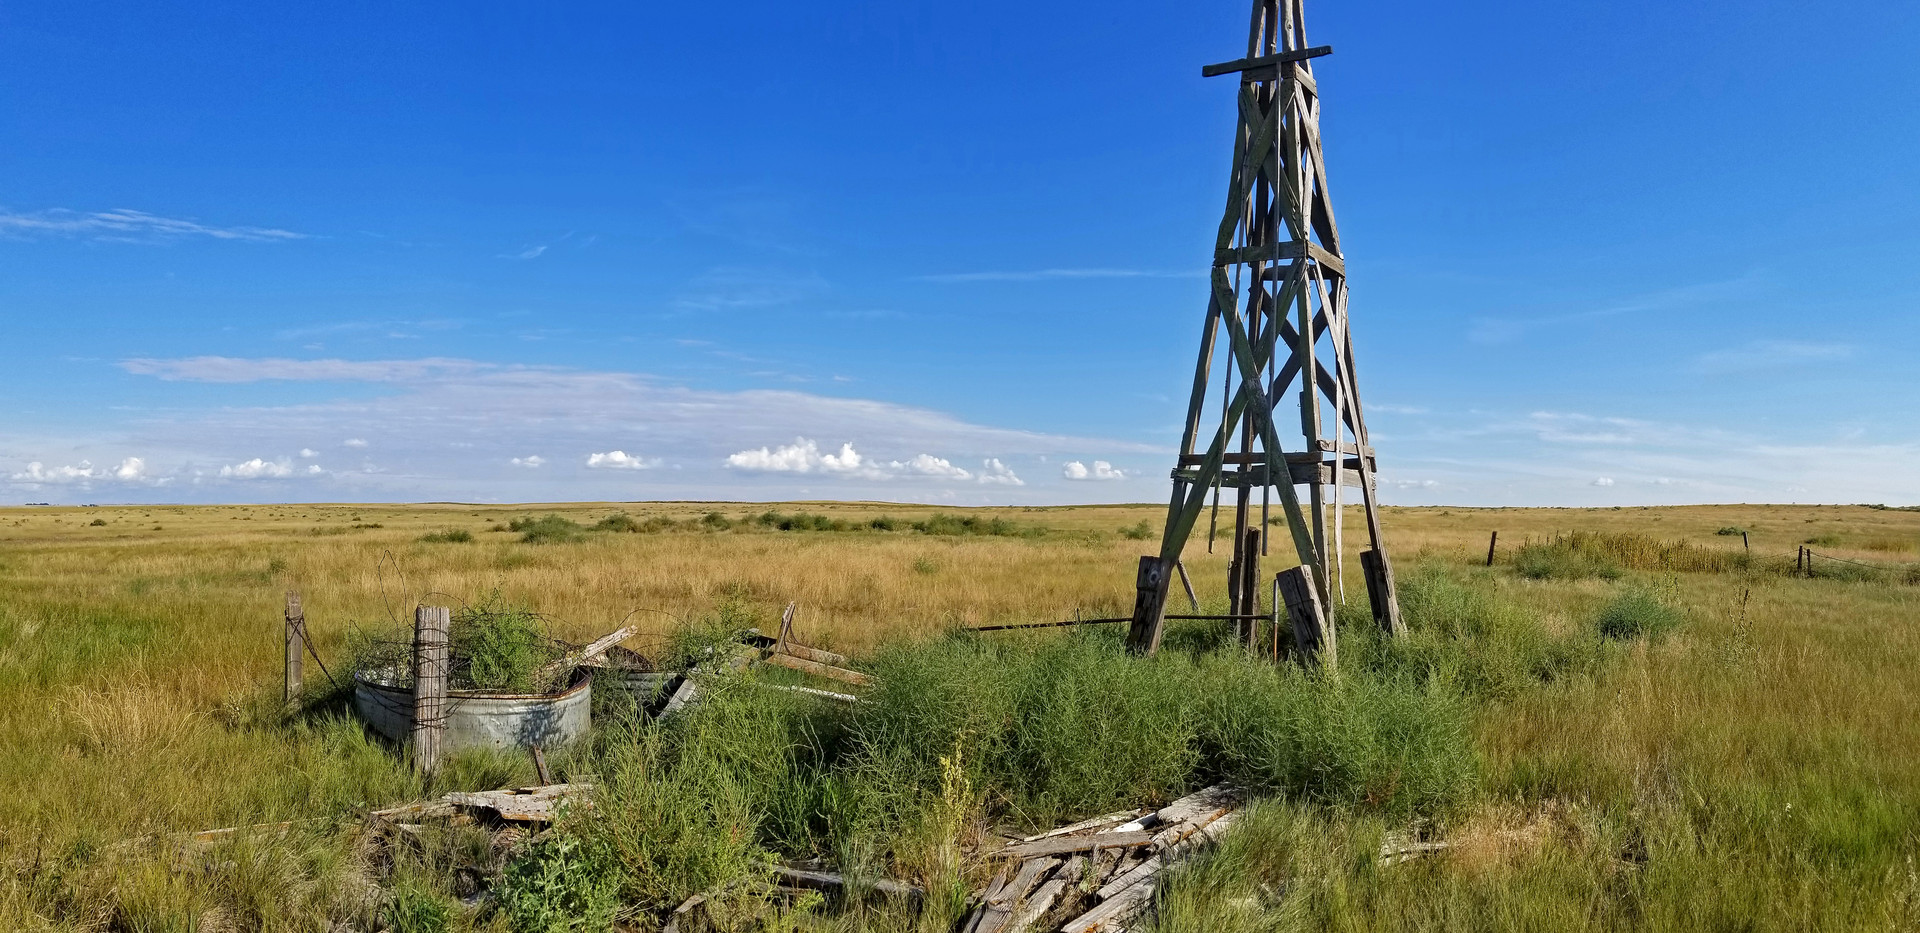 Windmill Lost